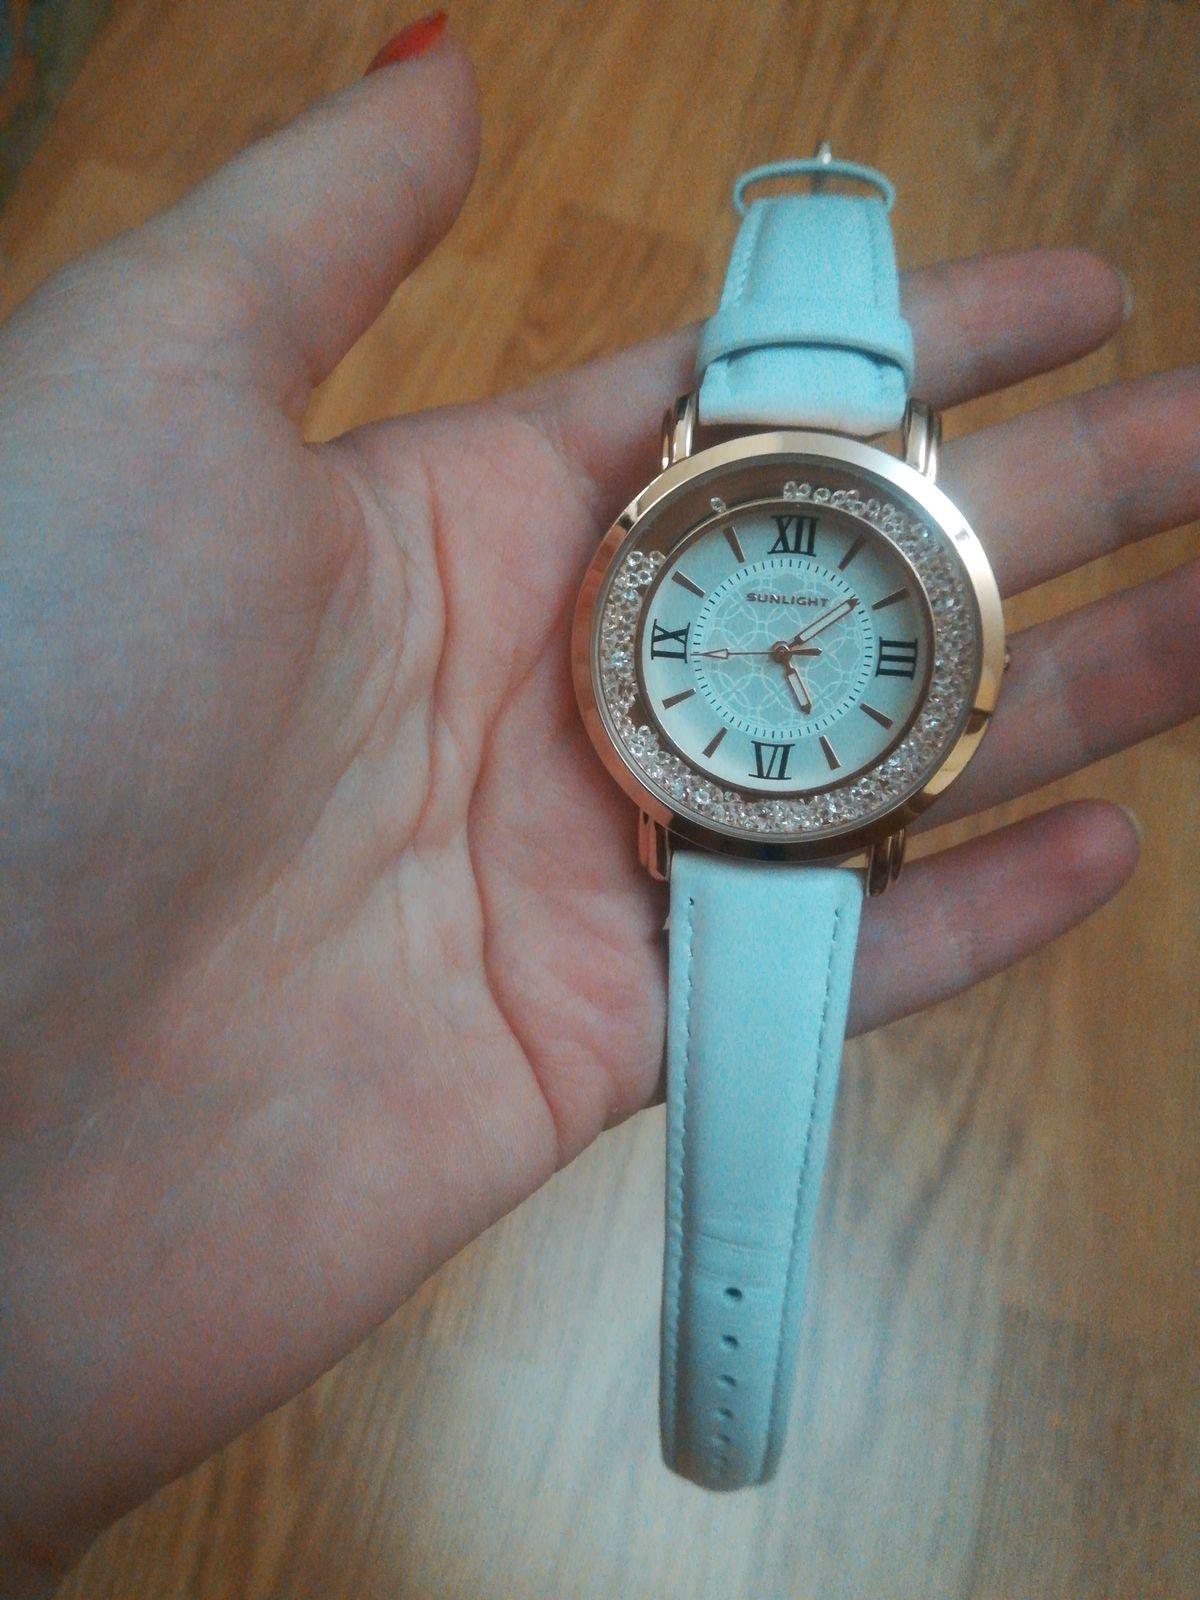 Хорошие, красивые часы